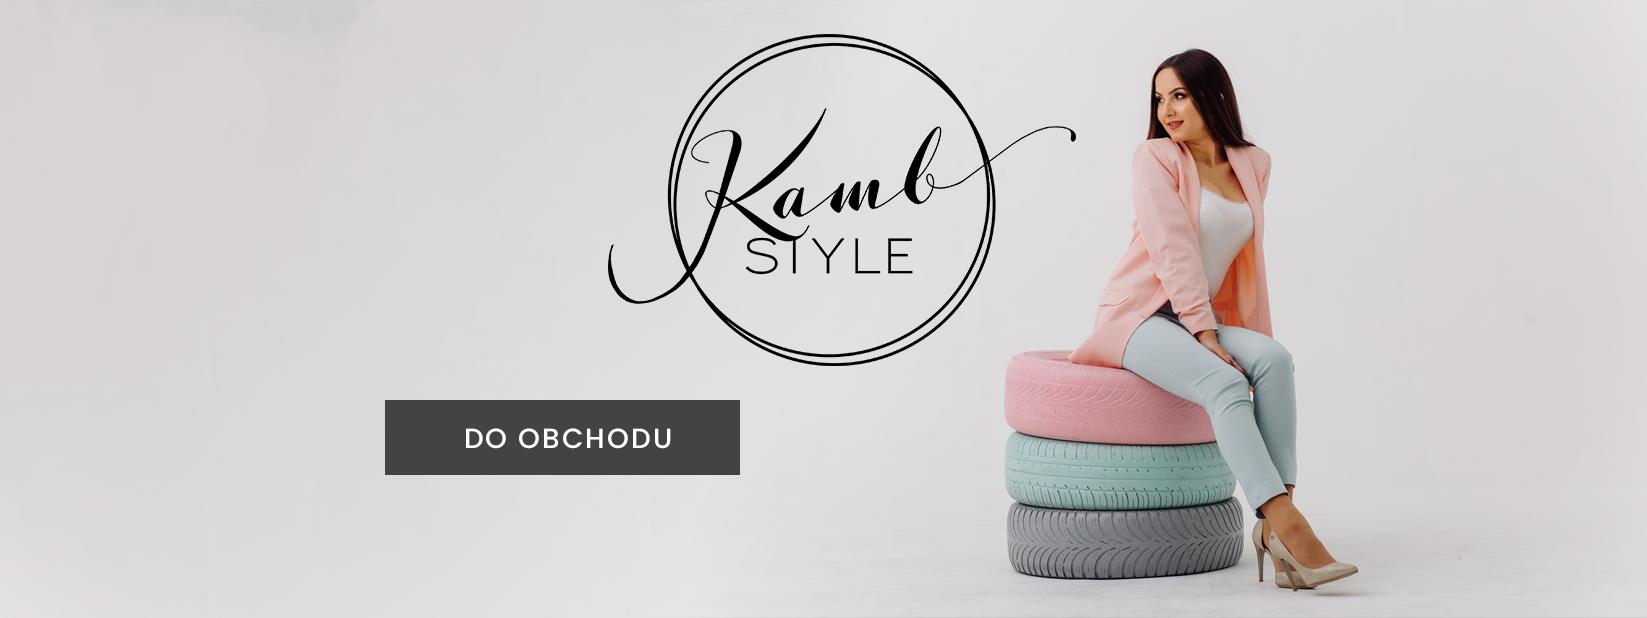 Kamb Style - stylová móda